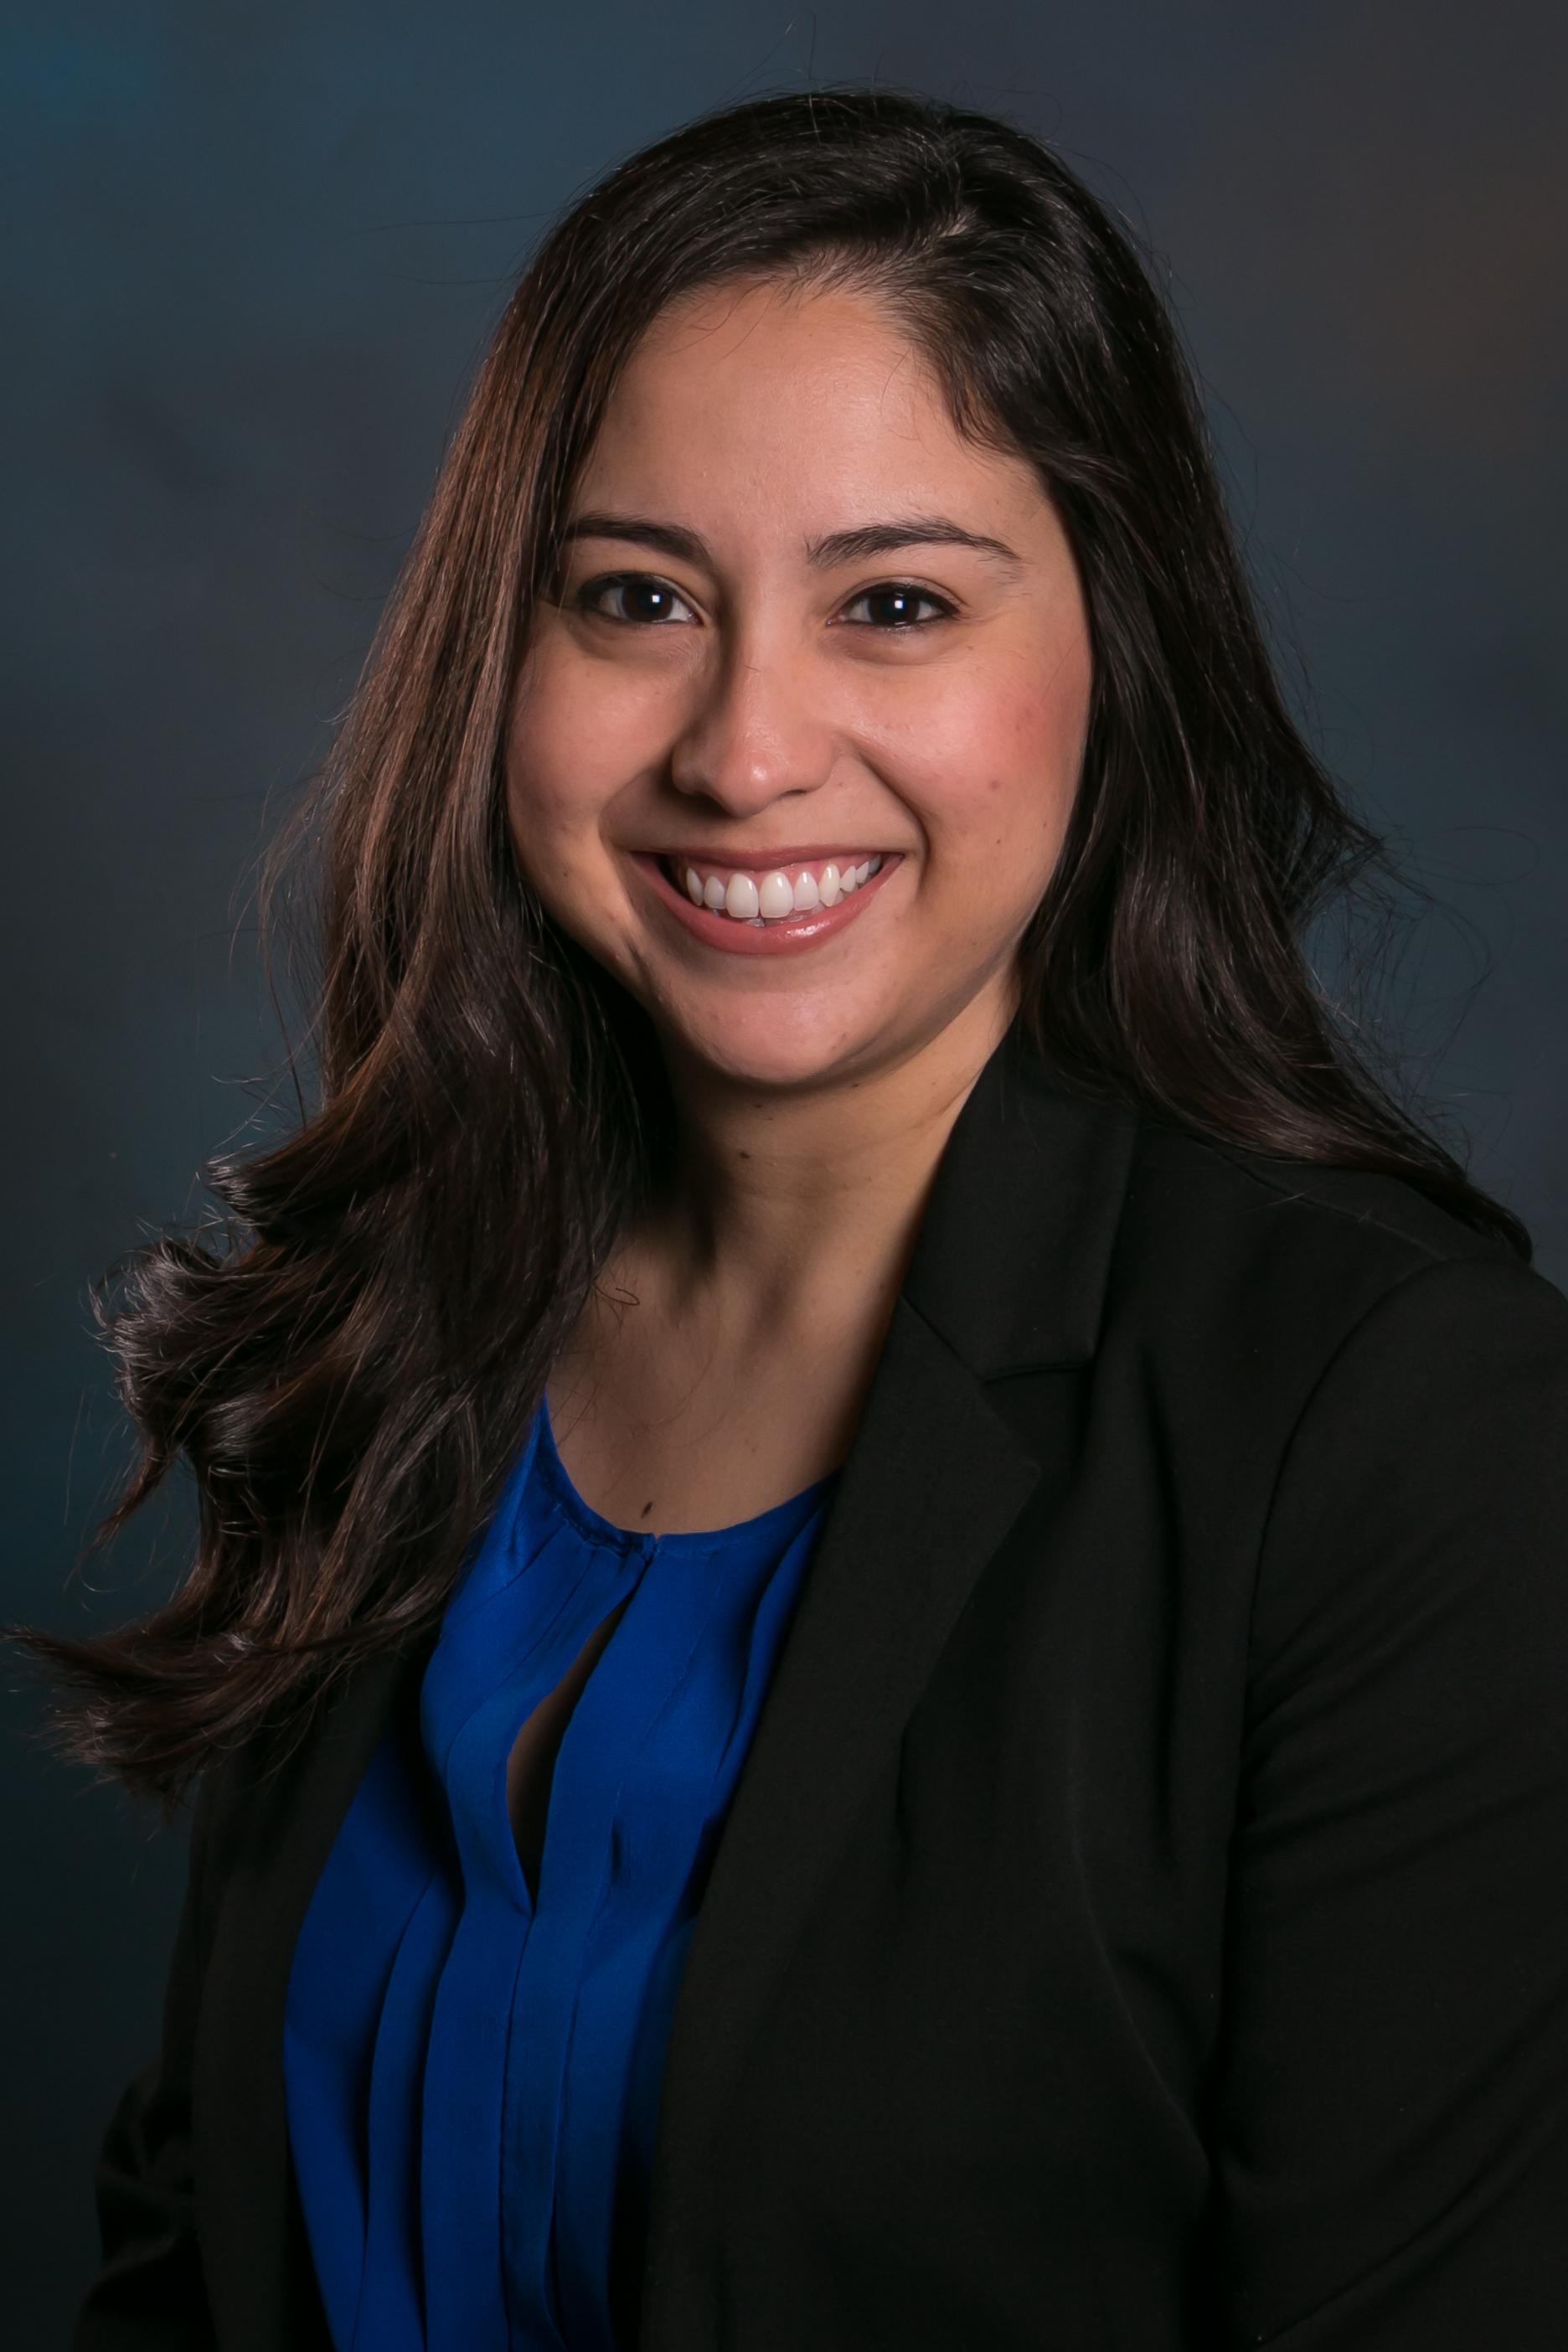 Arlene Medrano, MPA